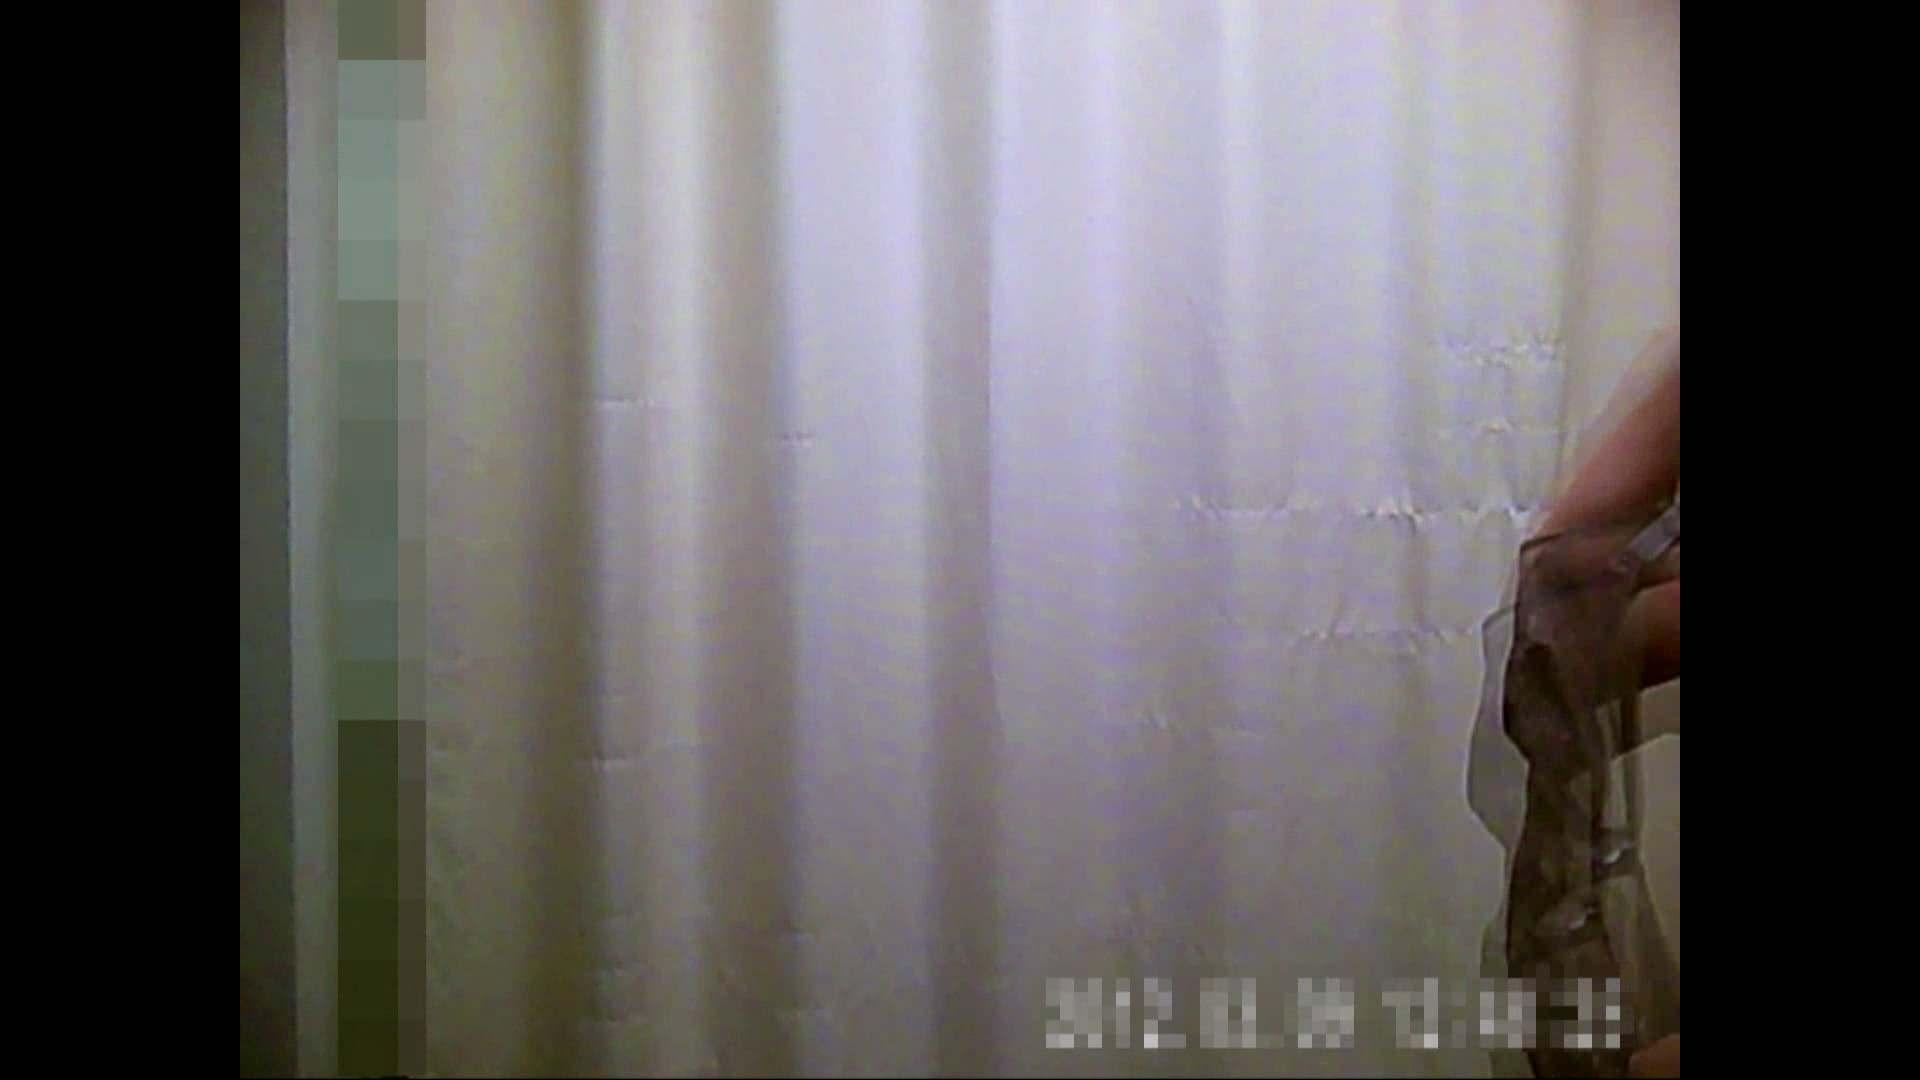 元医者による反抗 更衣室地獄絵巻 vol.031 OLの実態  44pic 30